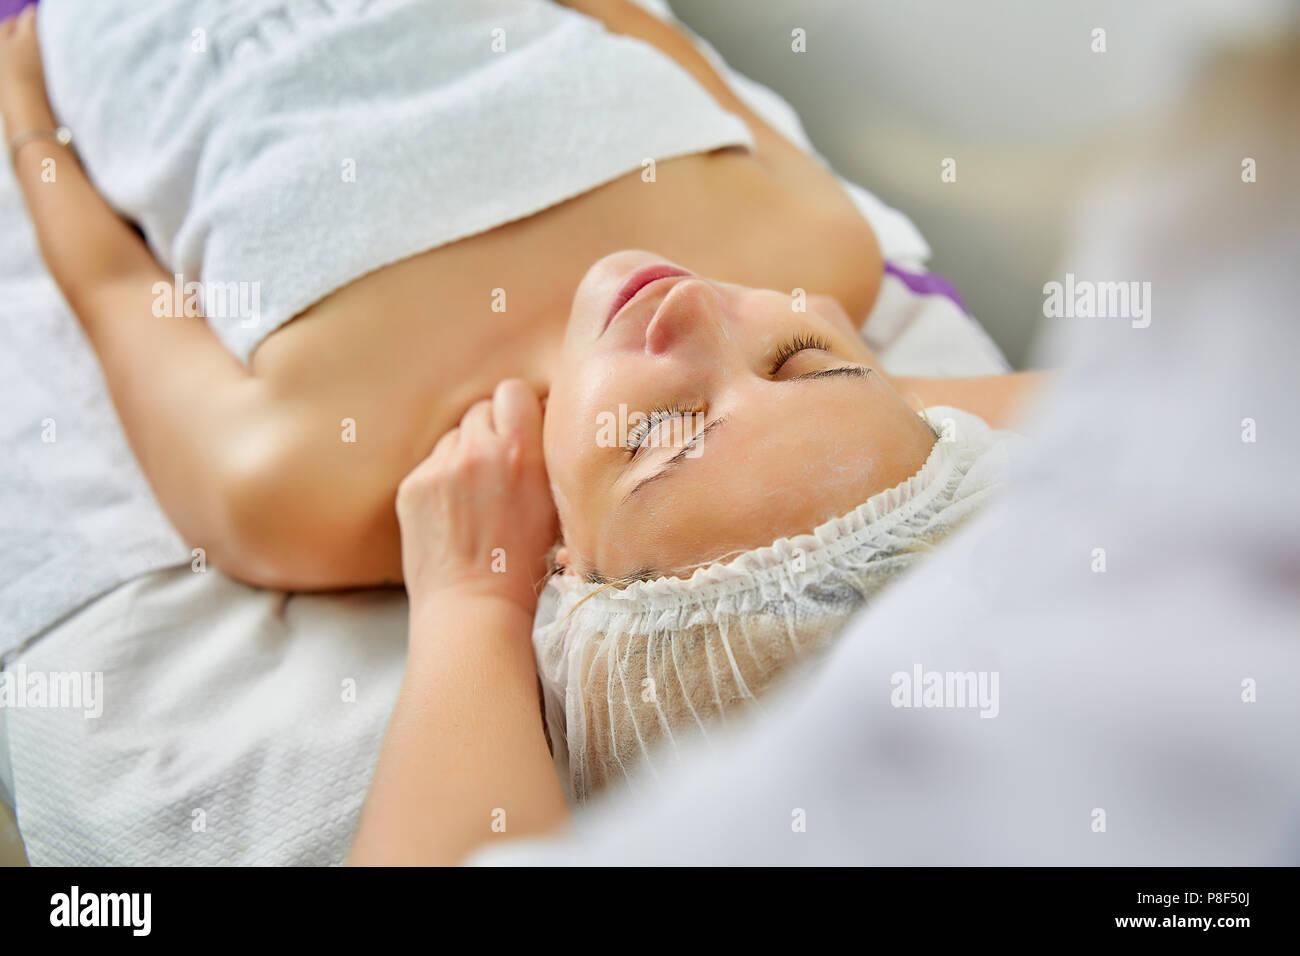 Schöne junge Frau liegend auf Massageliege während natürliche Gesichtsmaske ist auf Ihrem Gesicht angewendet Stockbild